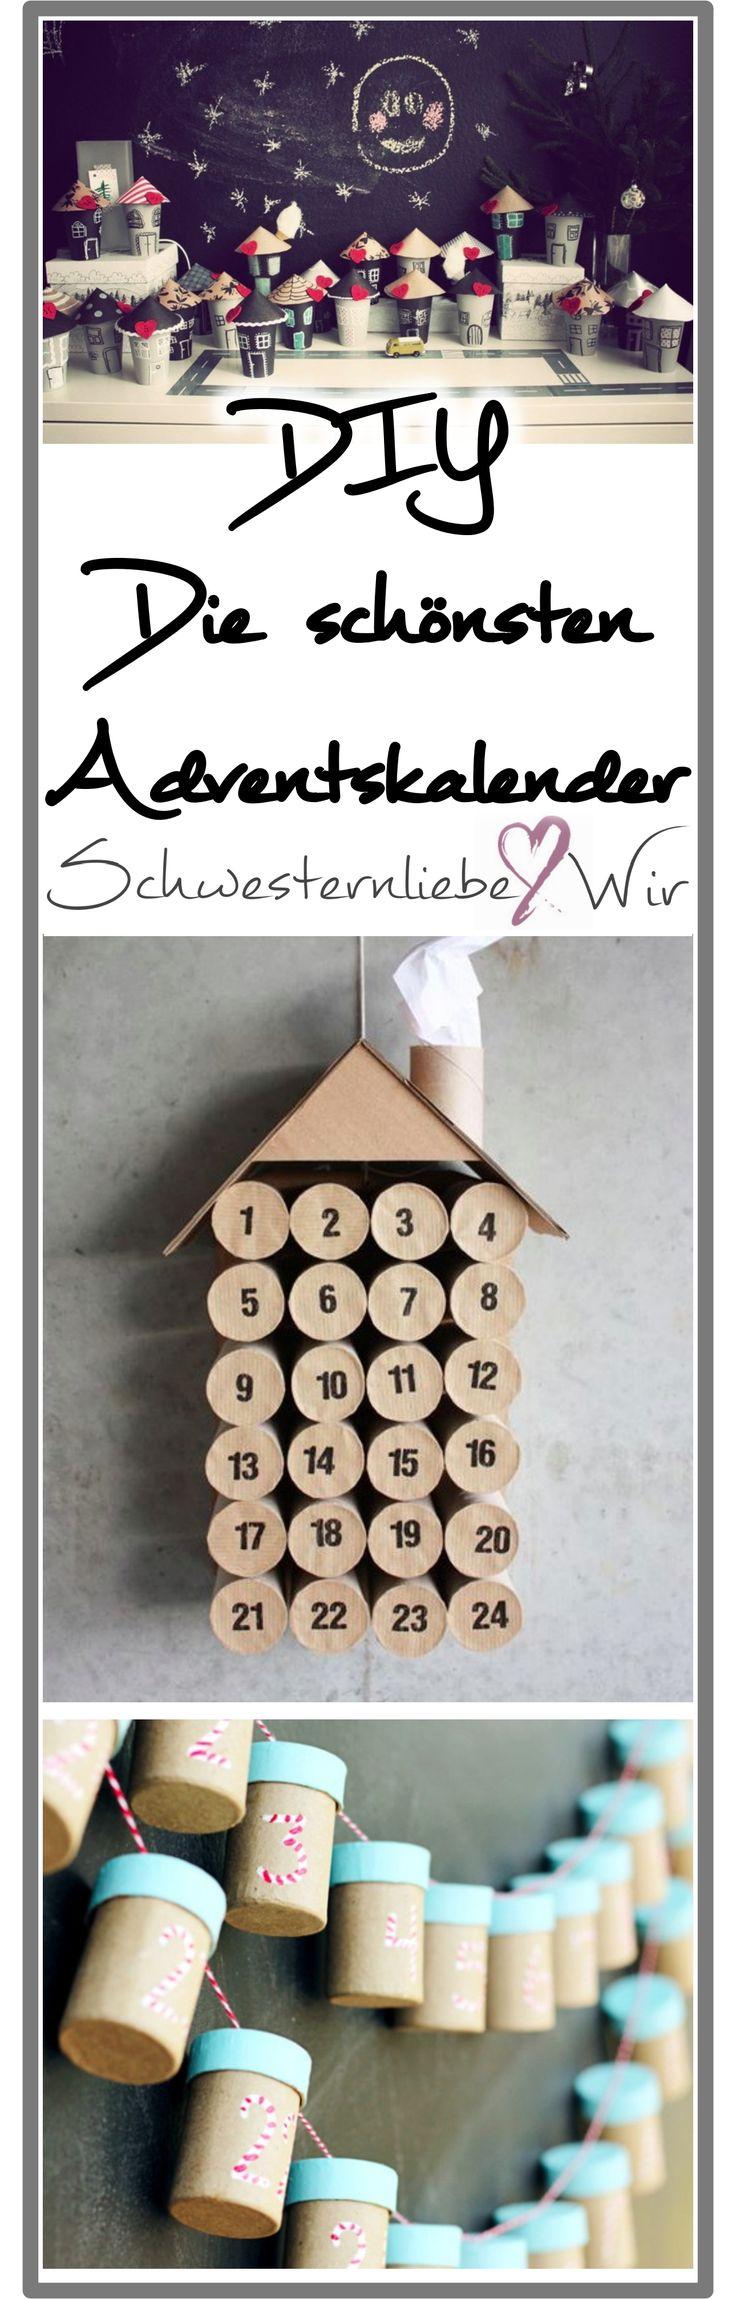 28 best diy weihnachten und adventszeit images on pinterest german advent and kids christmas. Black Bedroom Furniture Sets. Home Design Ideas